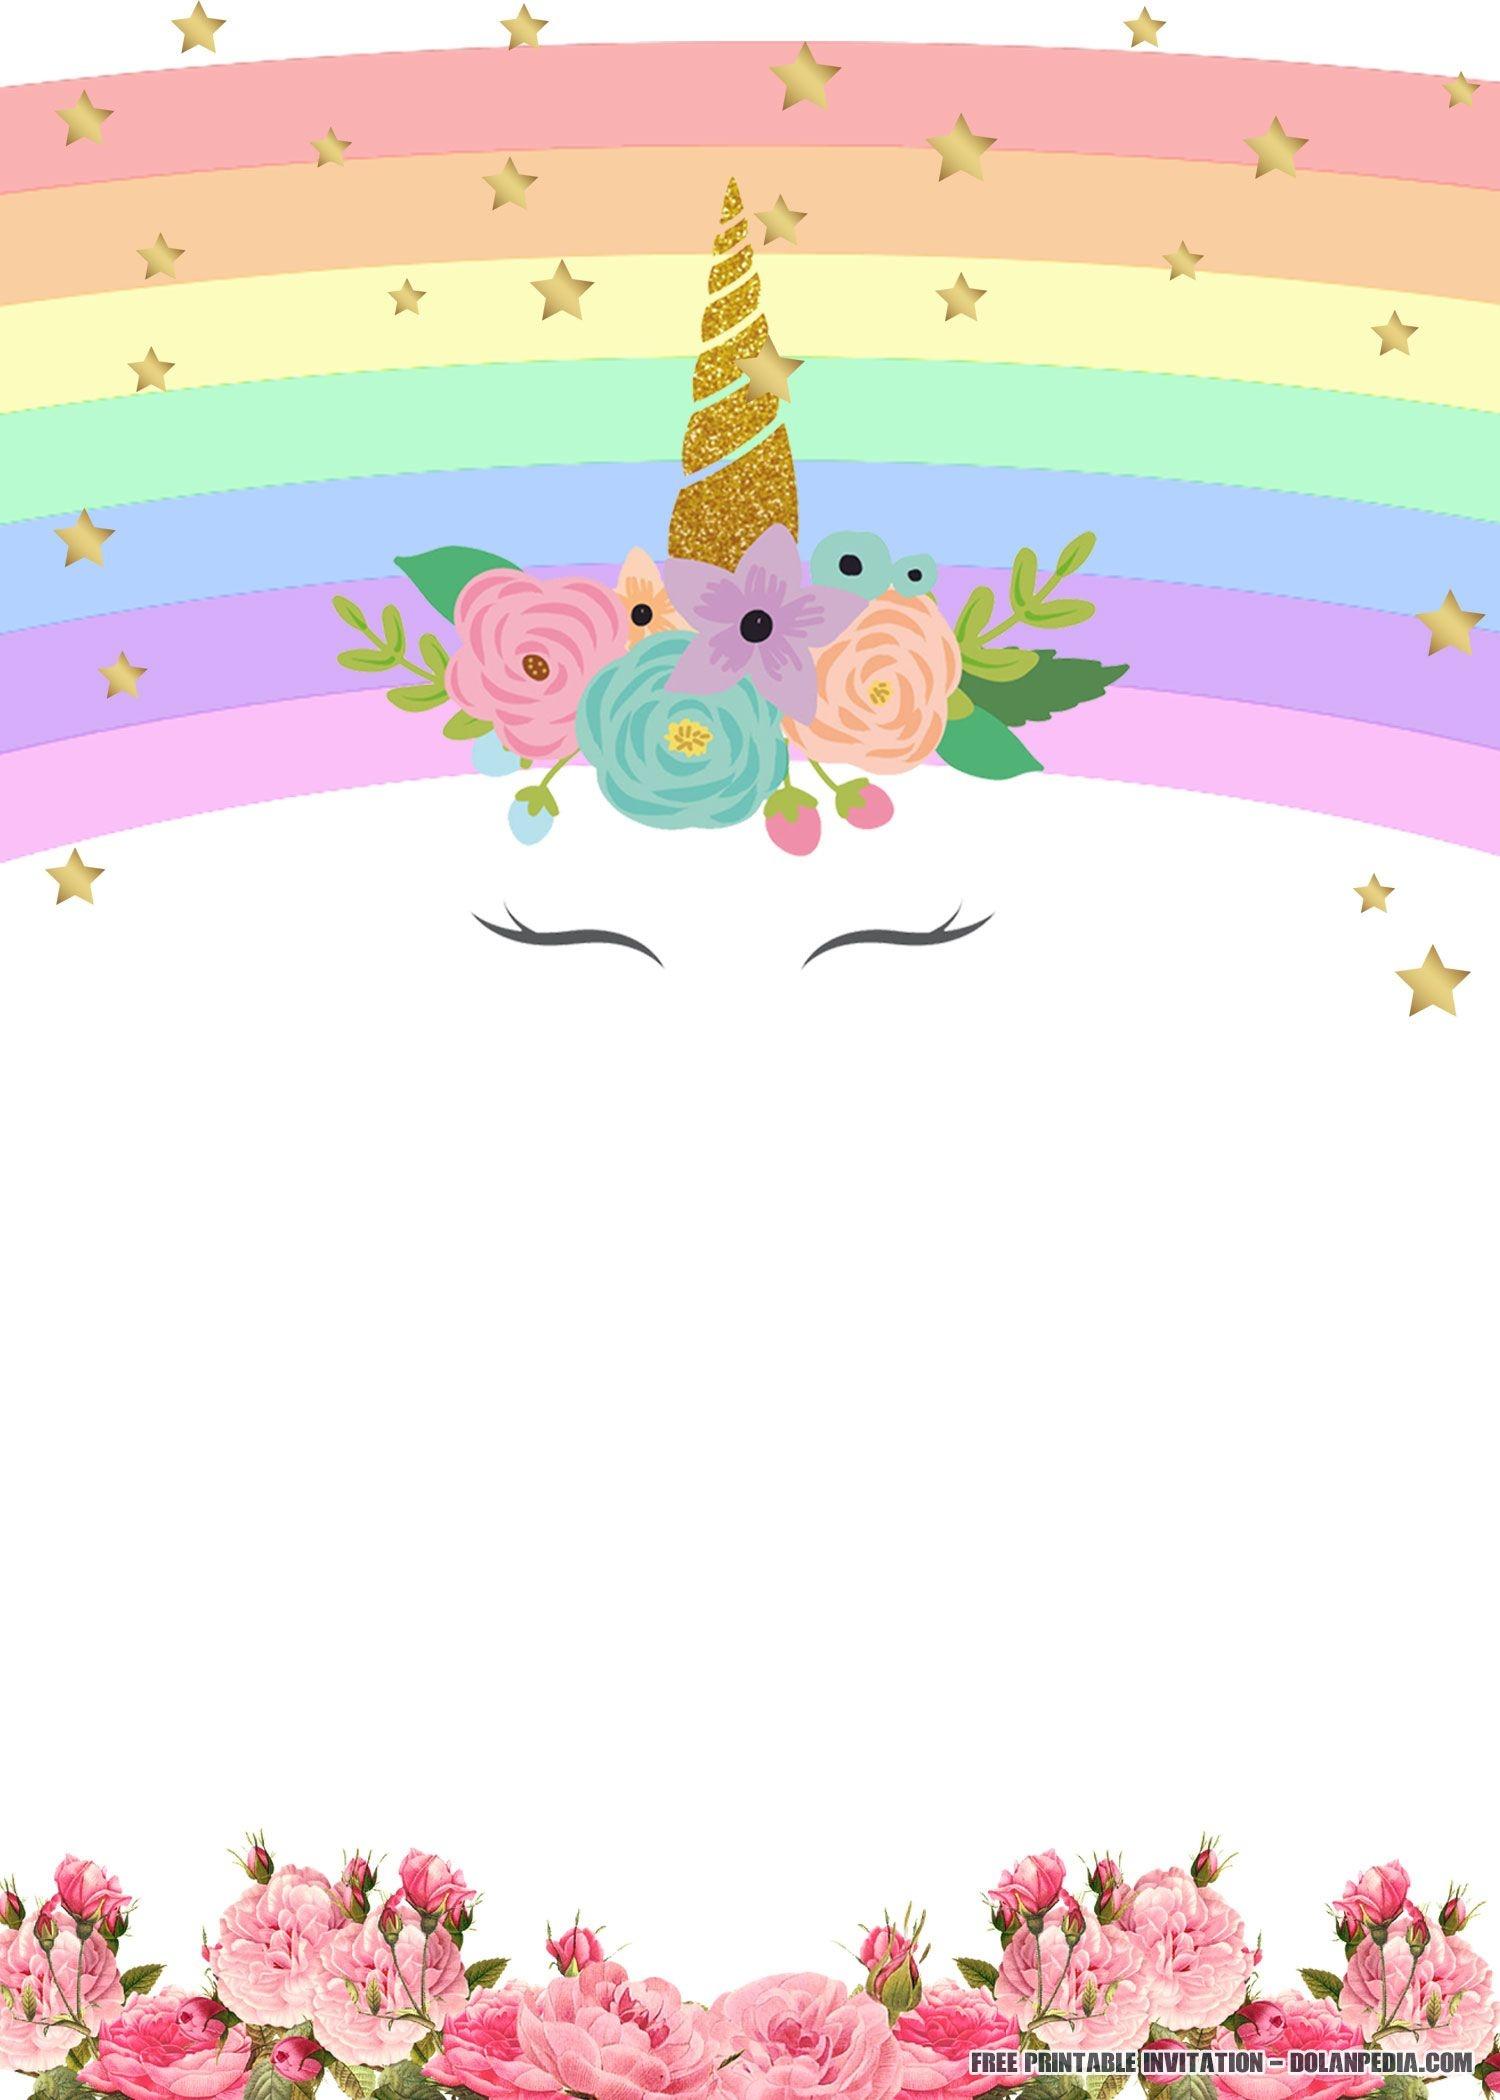 Free Printable Unicorn Rainbow Invitation | Free Printable - Free Printable Invitation Templates